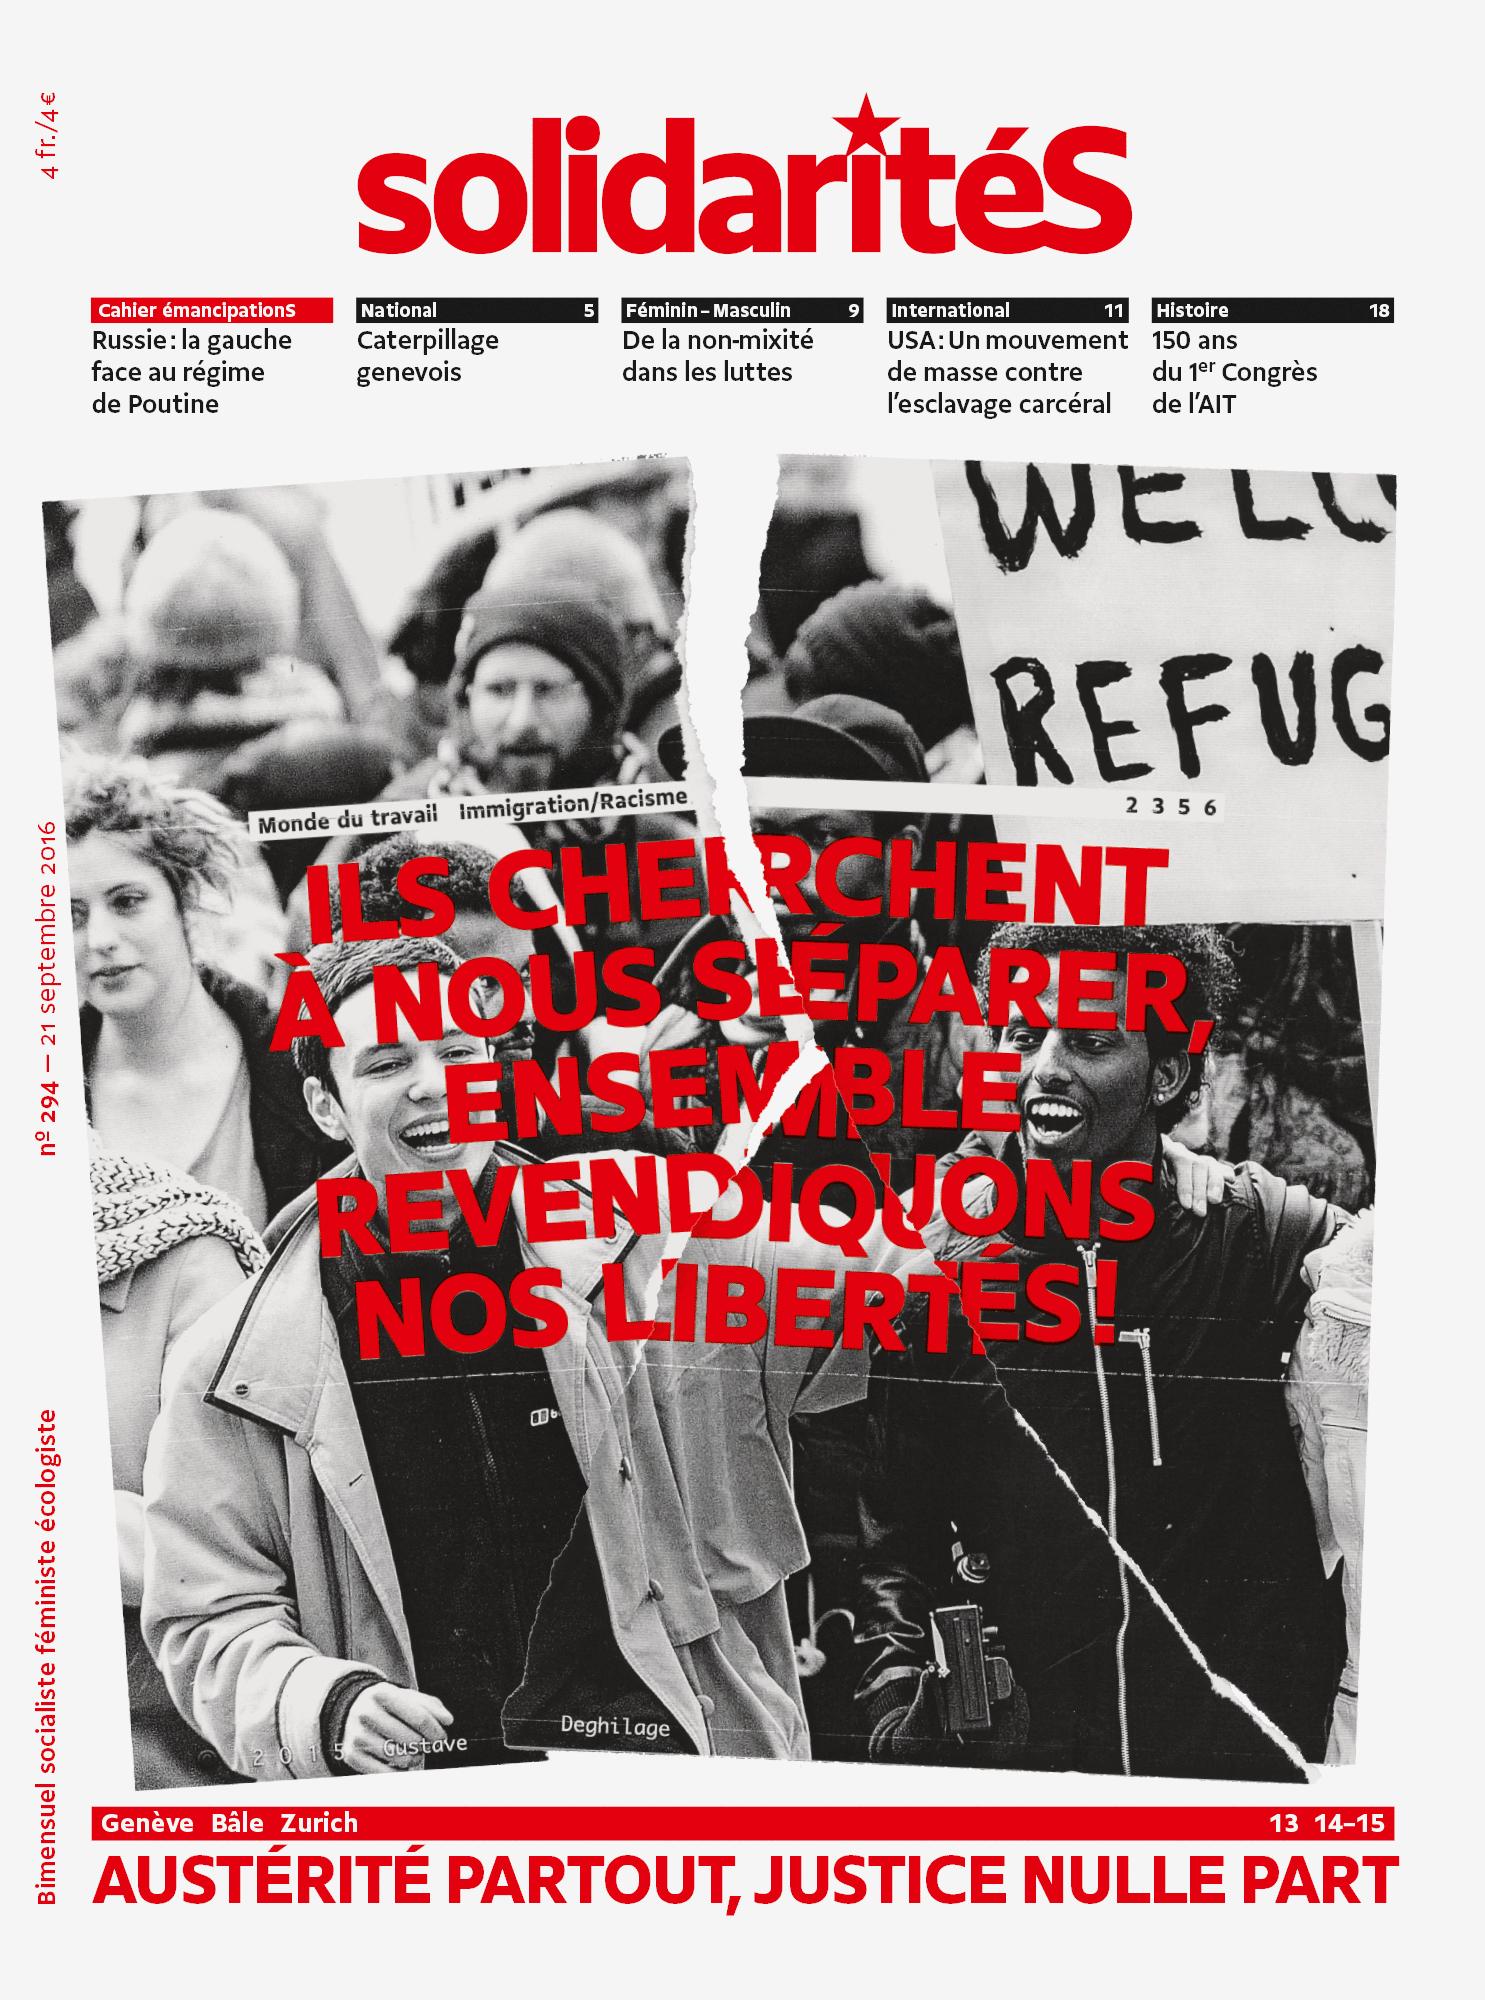 Couverture du numéro 294 du bimensuel solidaritéS